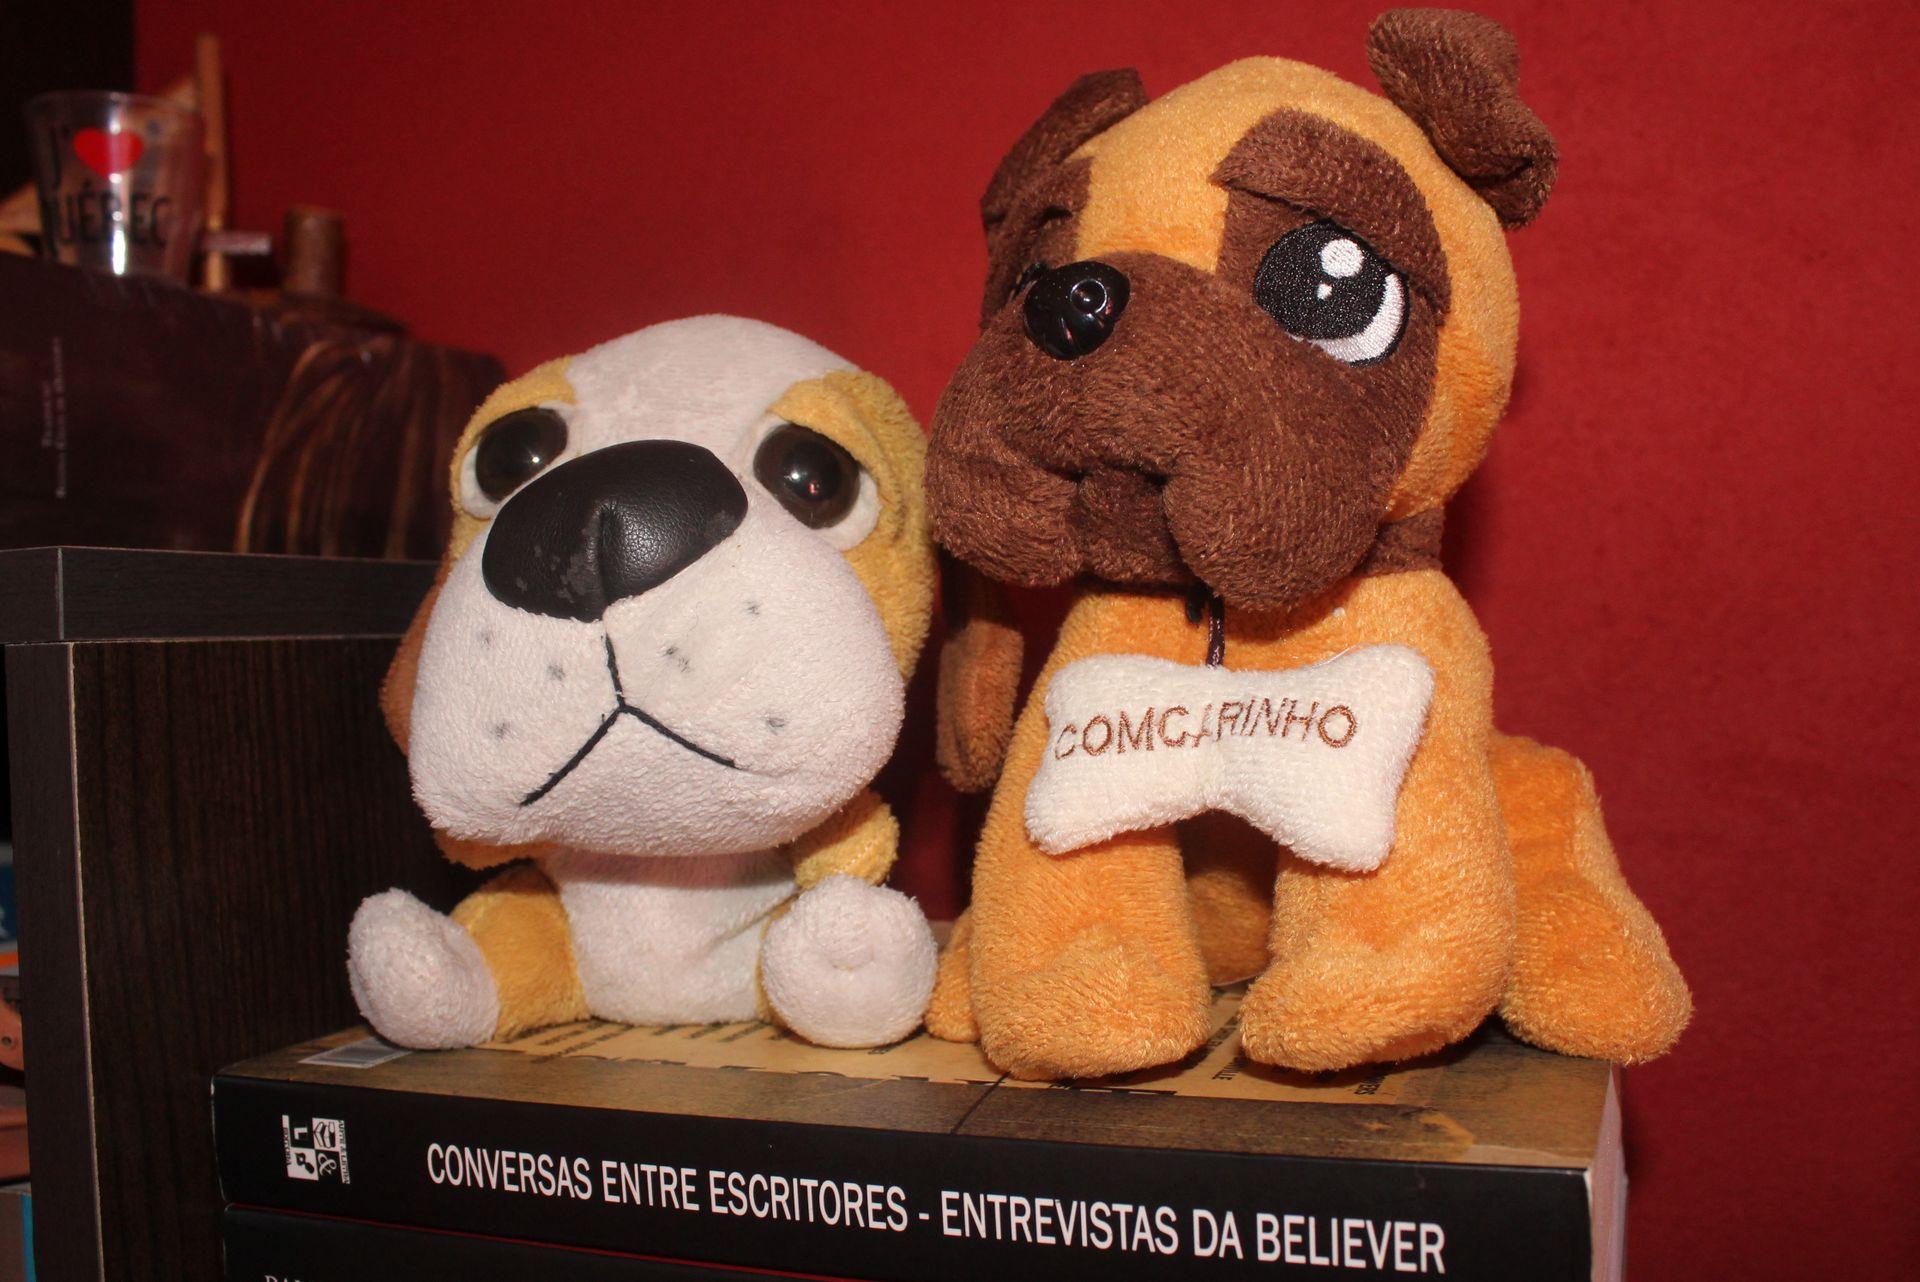 Cachorros na estante. Crédito: Juh Oliveira